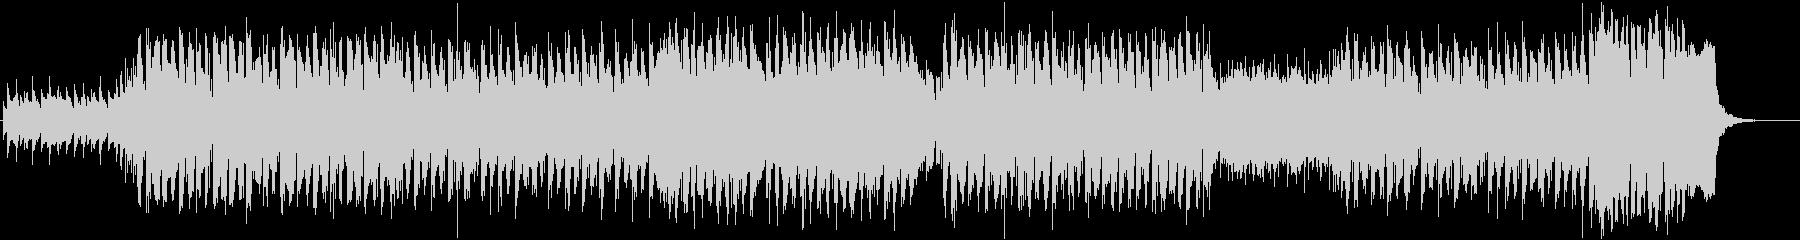 ピアノバッキングの疾走感あるEDMの未再生の波形